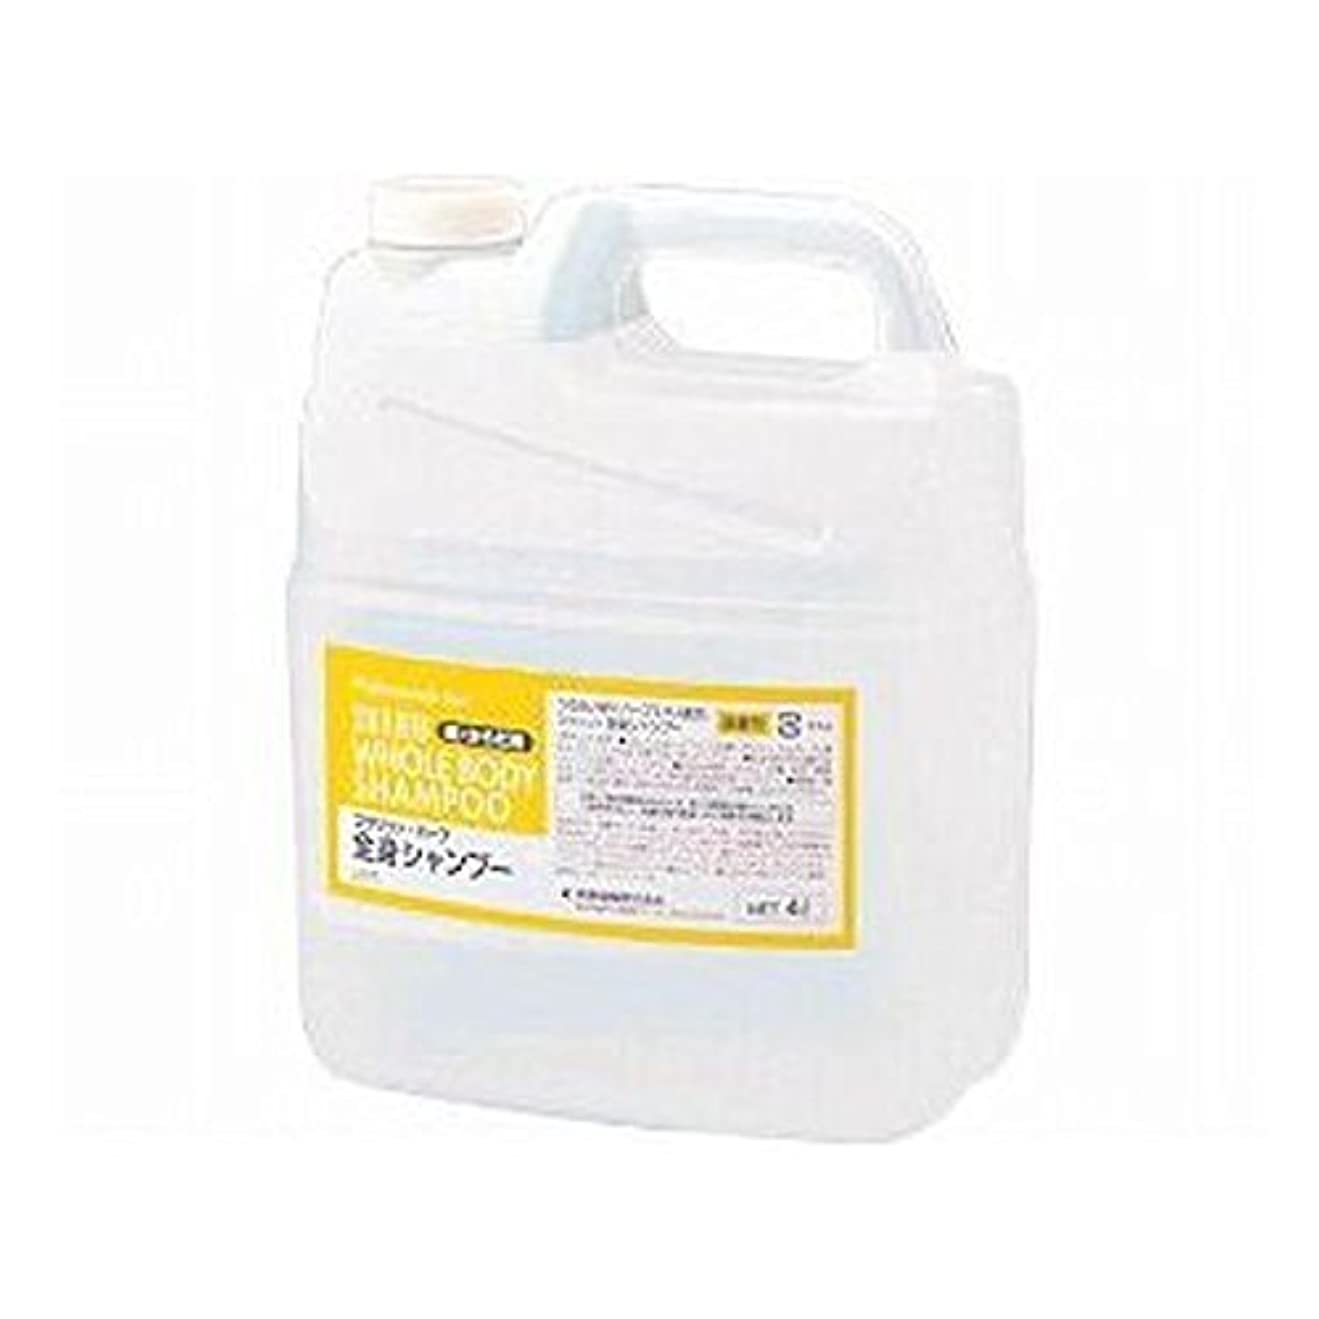 カウンタお抽象熊野油脂 業務用 SCRITT(スクリット) 全身シャンプー 4L